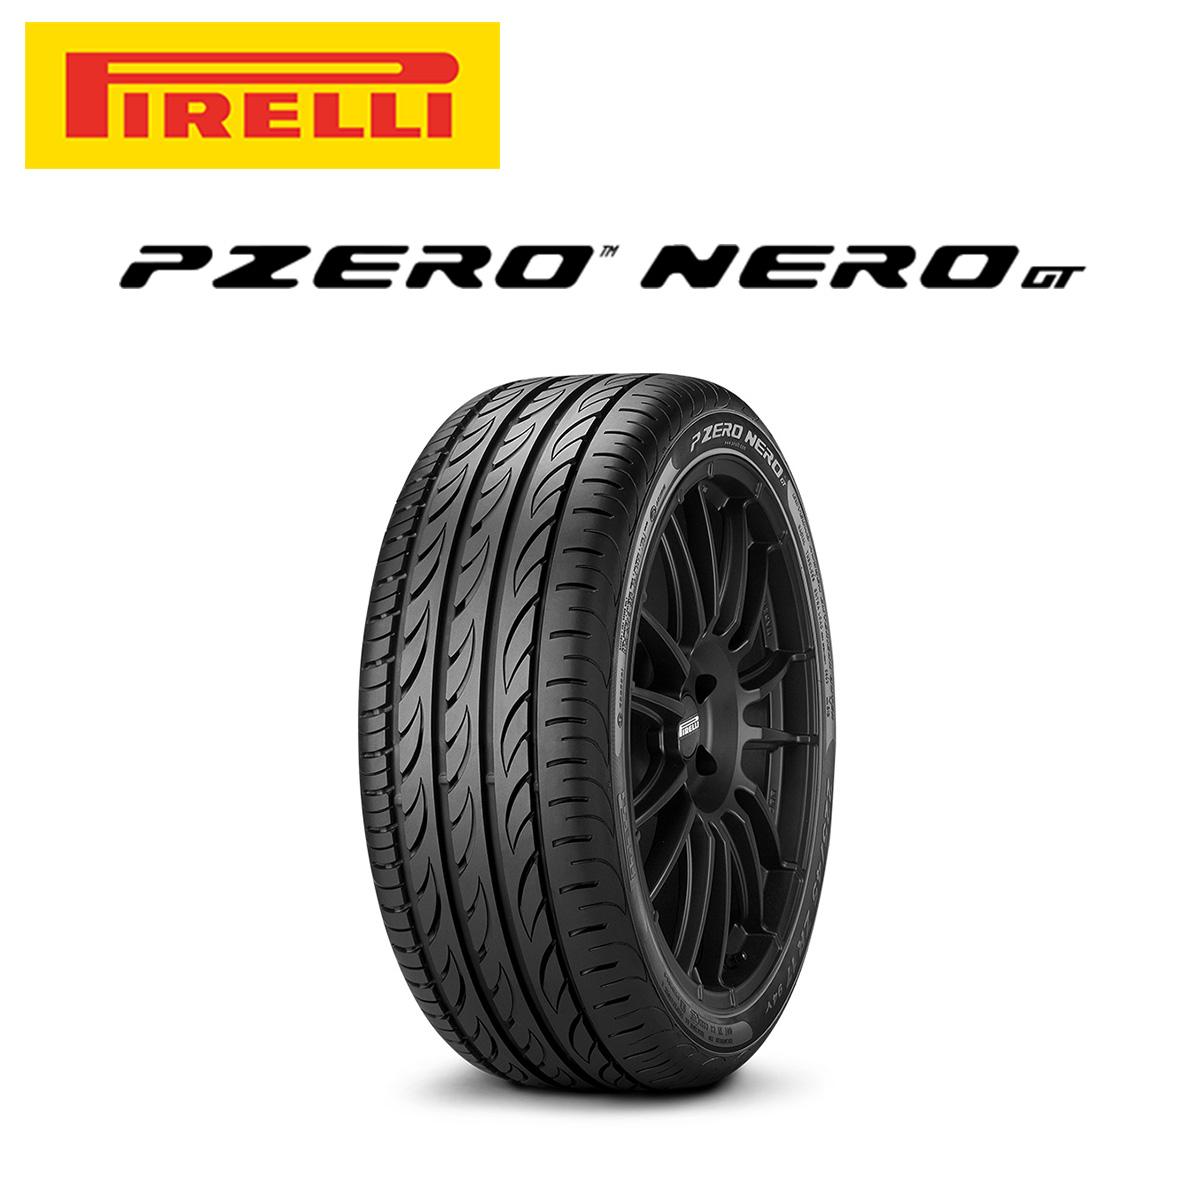 ピレリ PIRELLI P ZERO NERO GT ピーゼロネロ ジーティ 18インチ サマー タイヤ 4本 セット 225/40ZR18 92Y XL EXTRA LOAD規格 ロープロファイルタイヤシリーズ 2596400